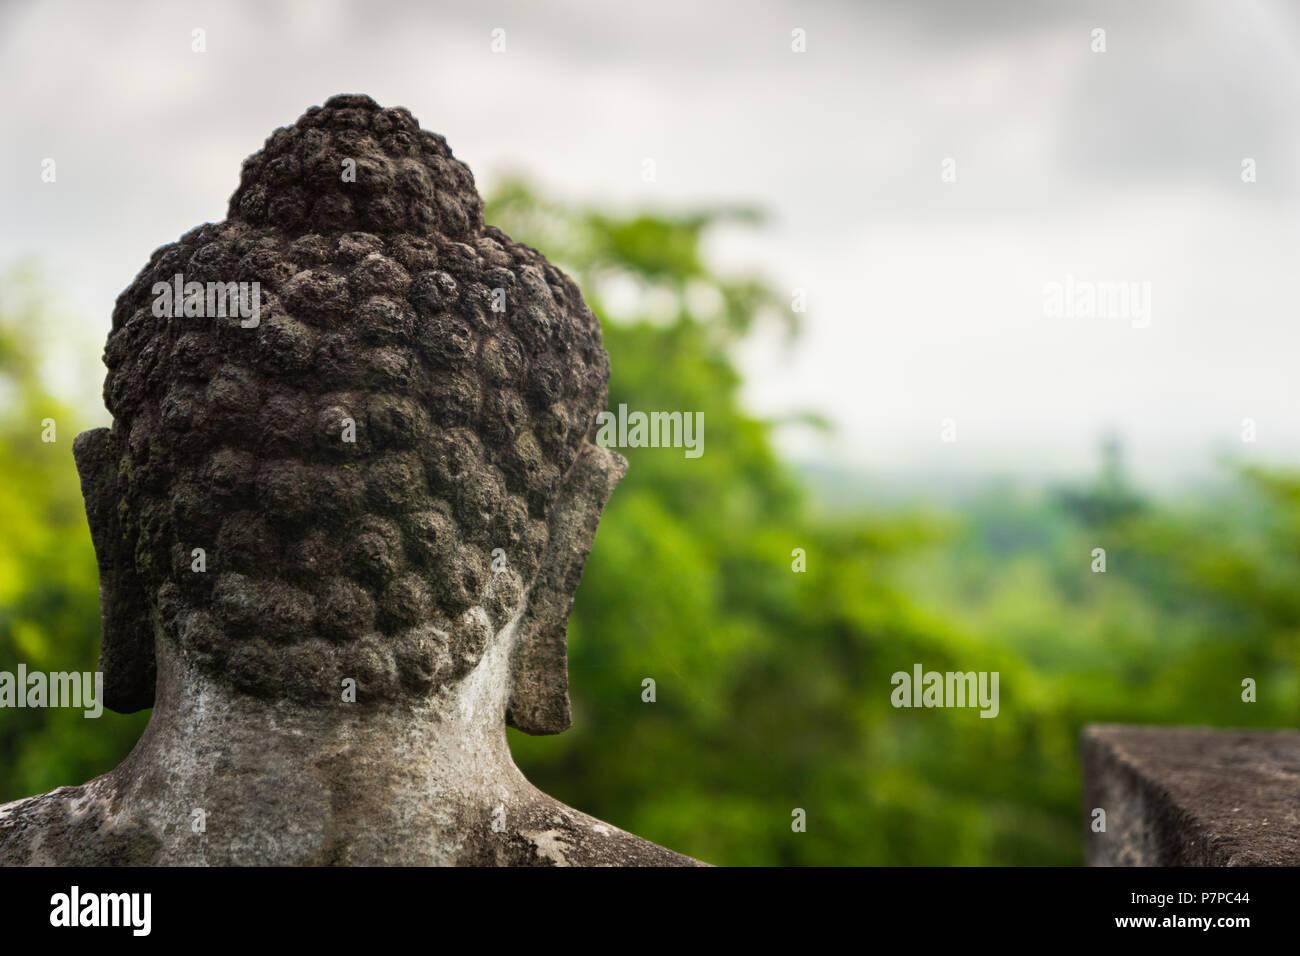 La parte posteriore della testa di una statua di Buddha che guarda oltre il Tempio Borobudur in Indonesia. Immagini Stock